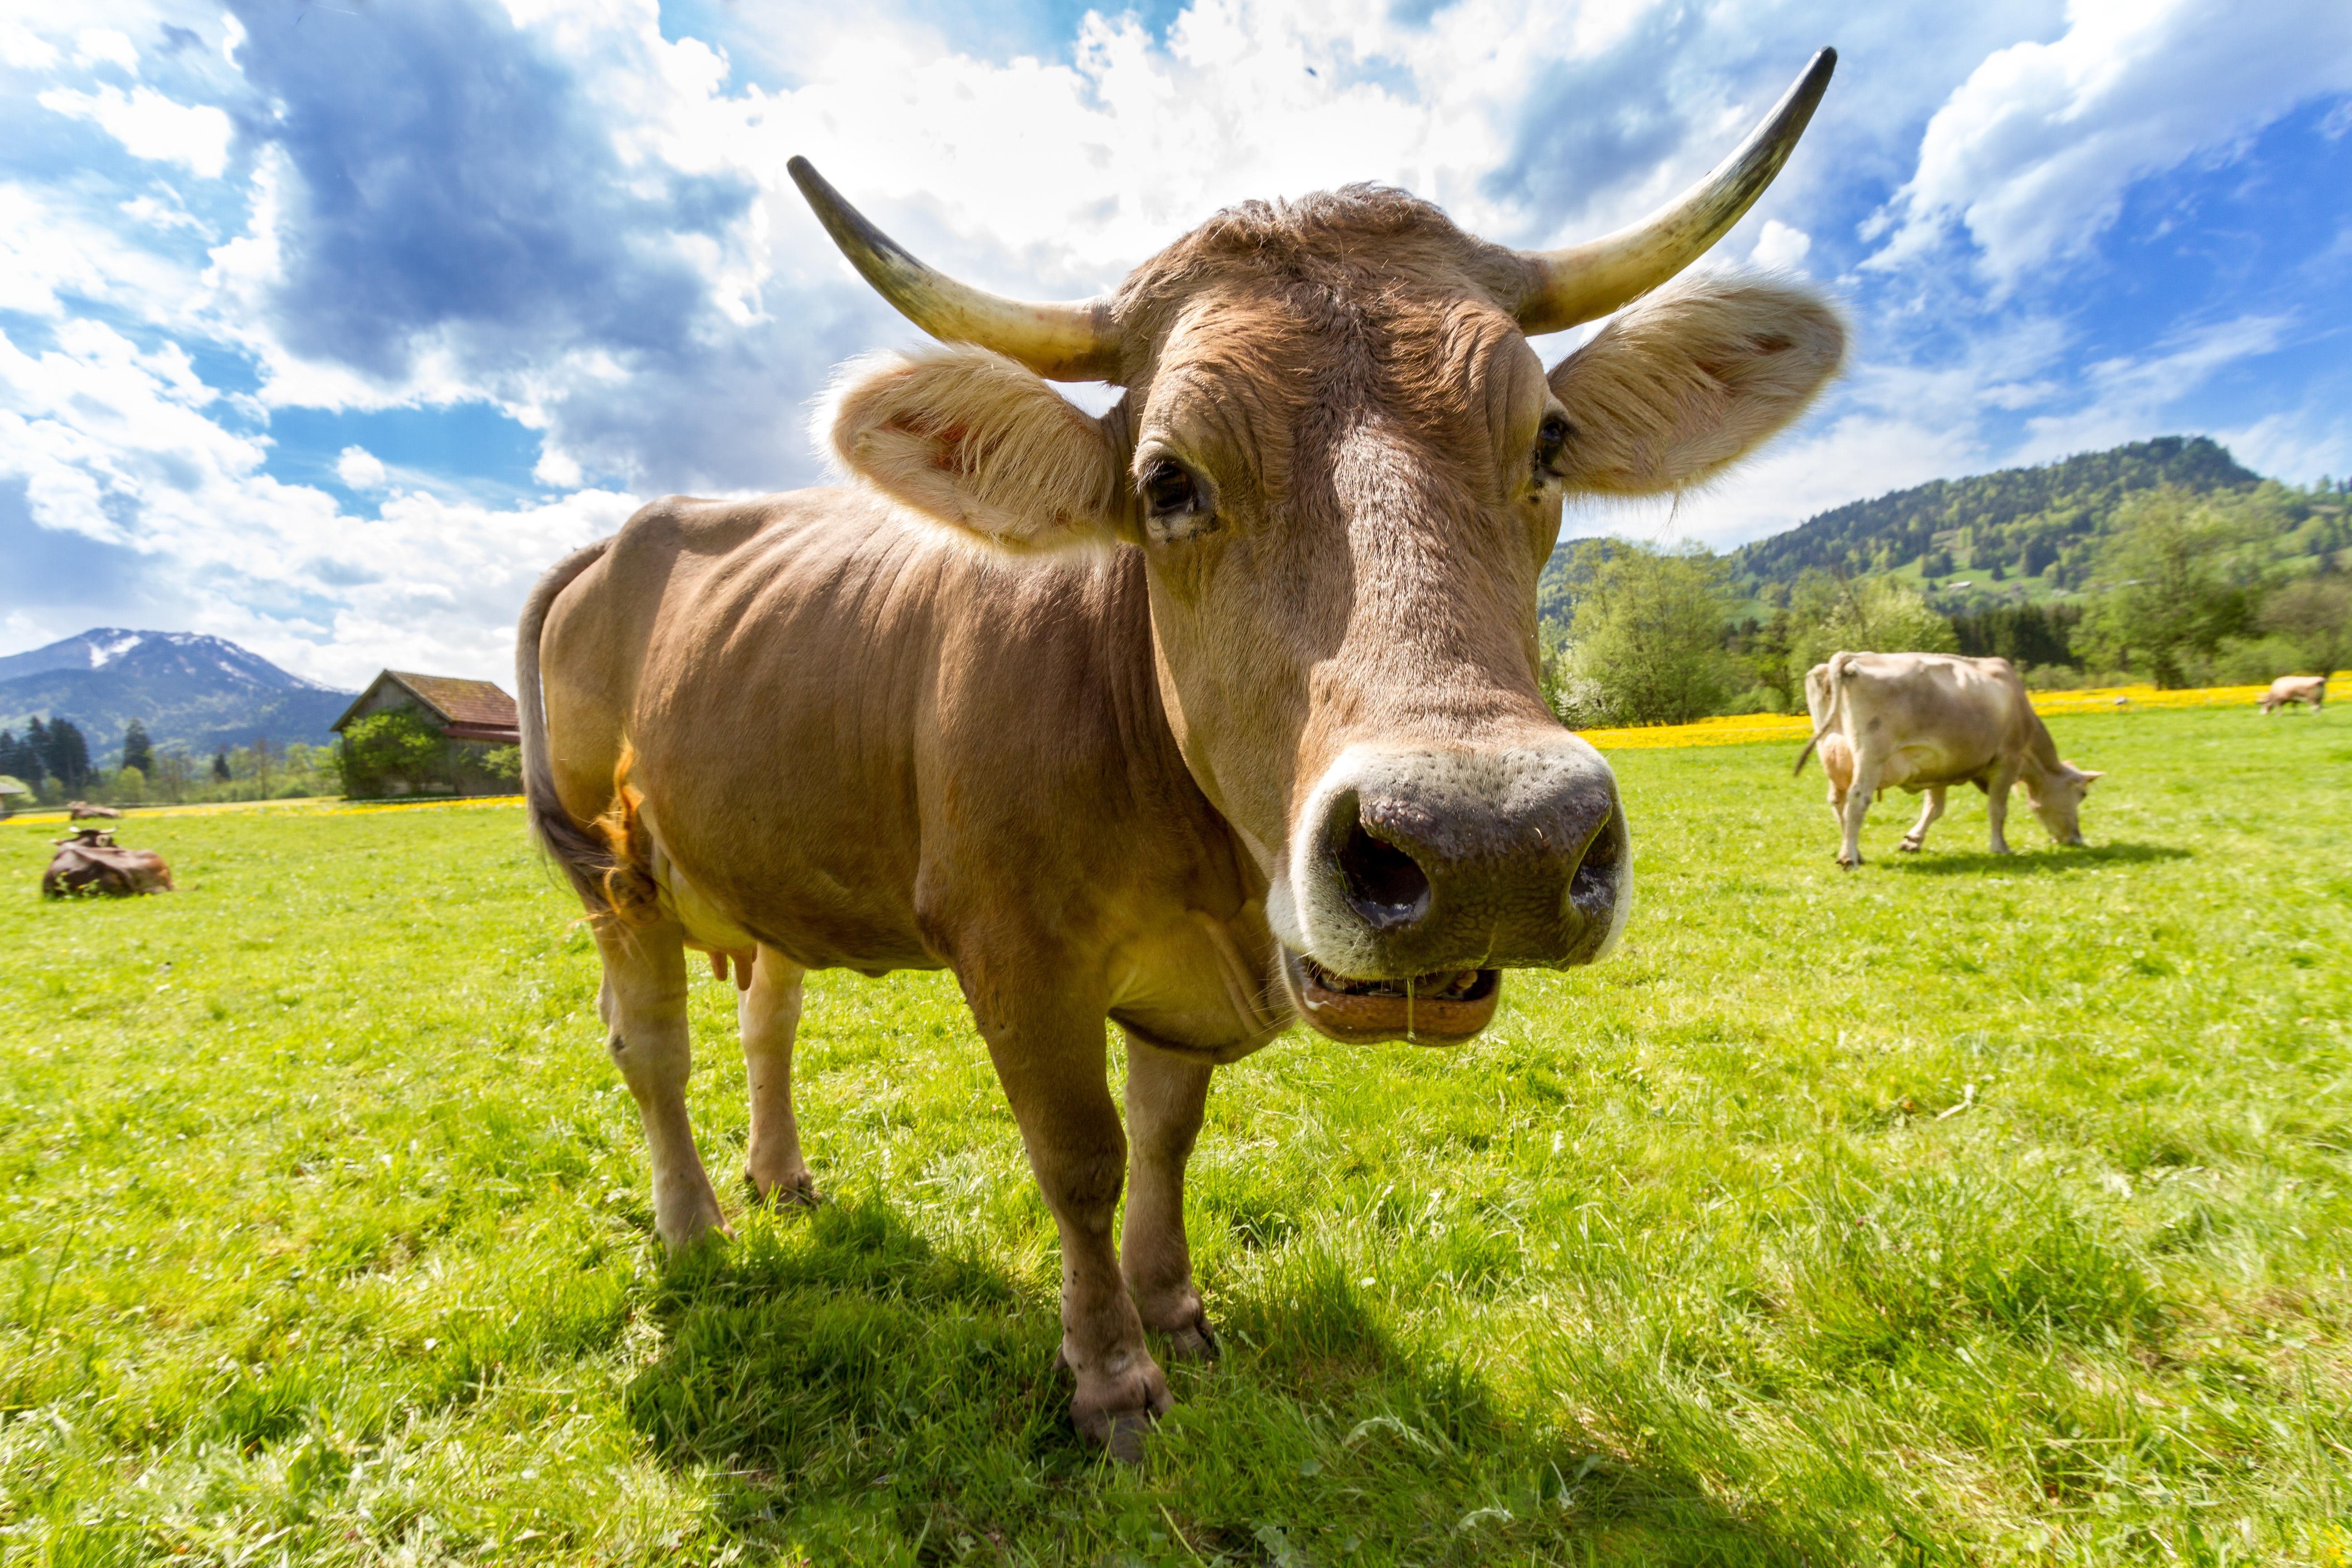 Cow Widescreen